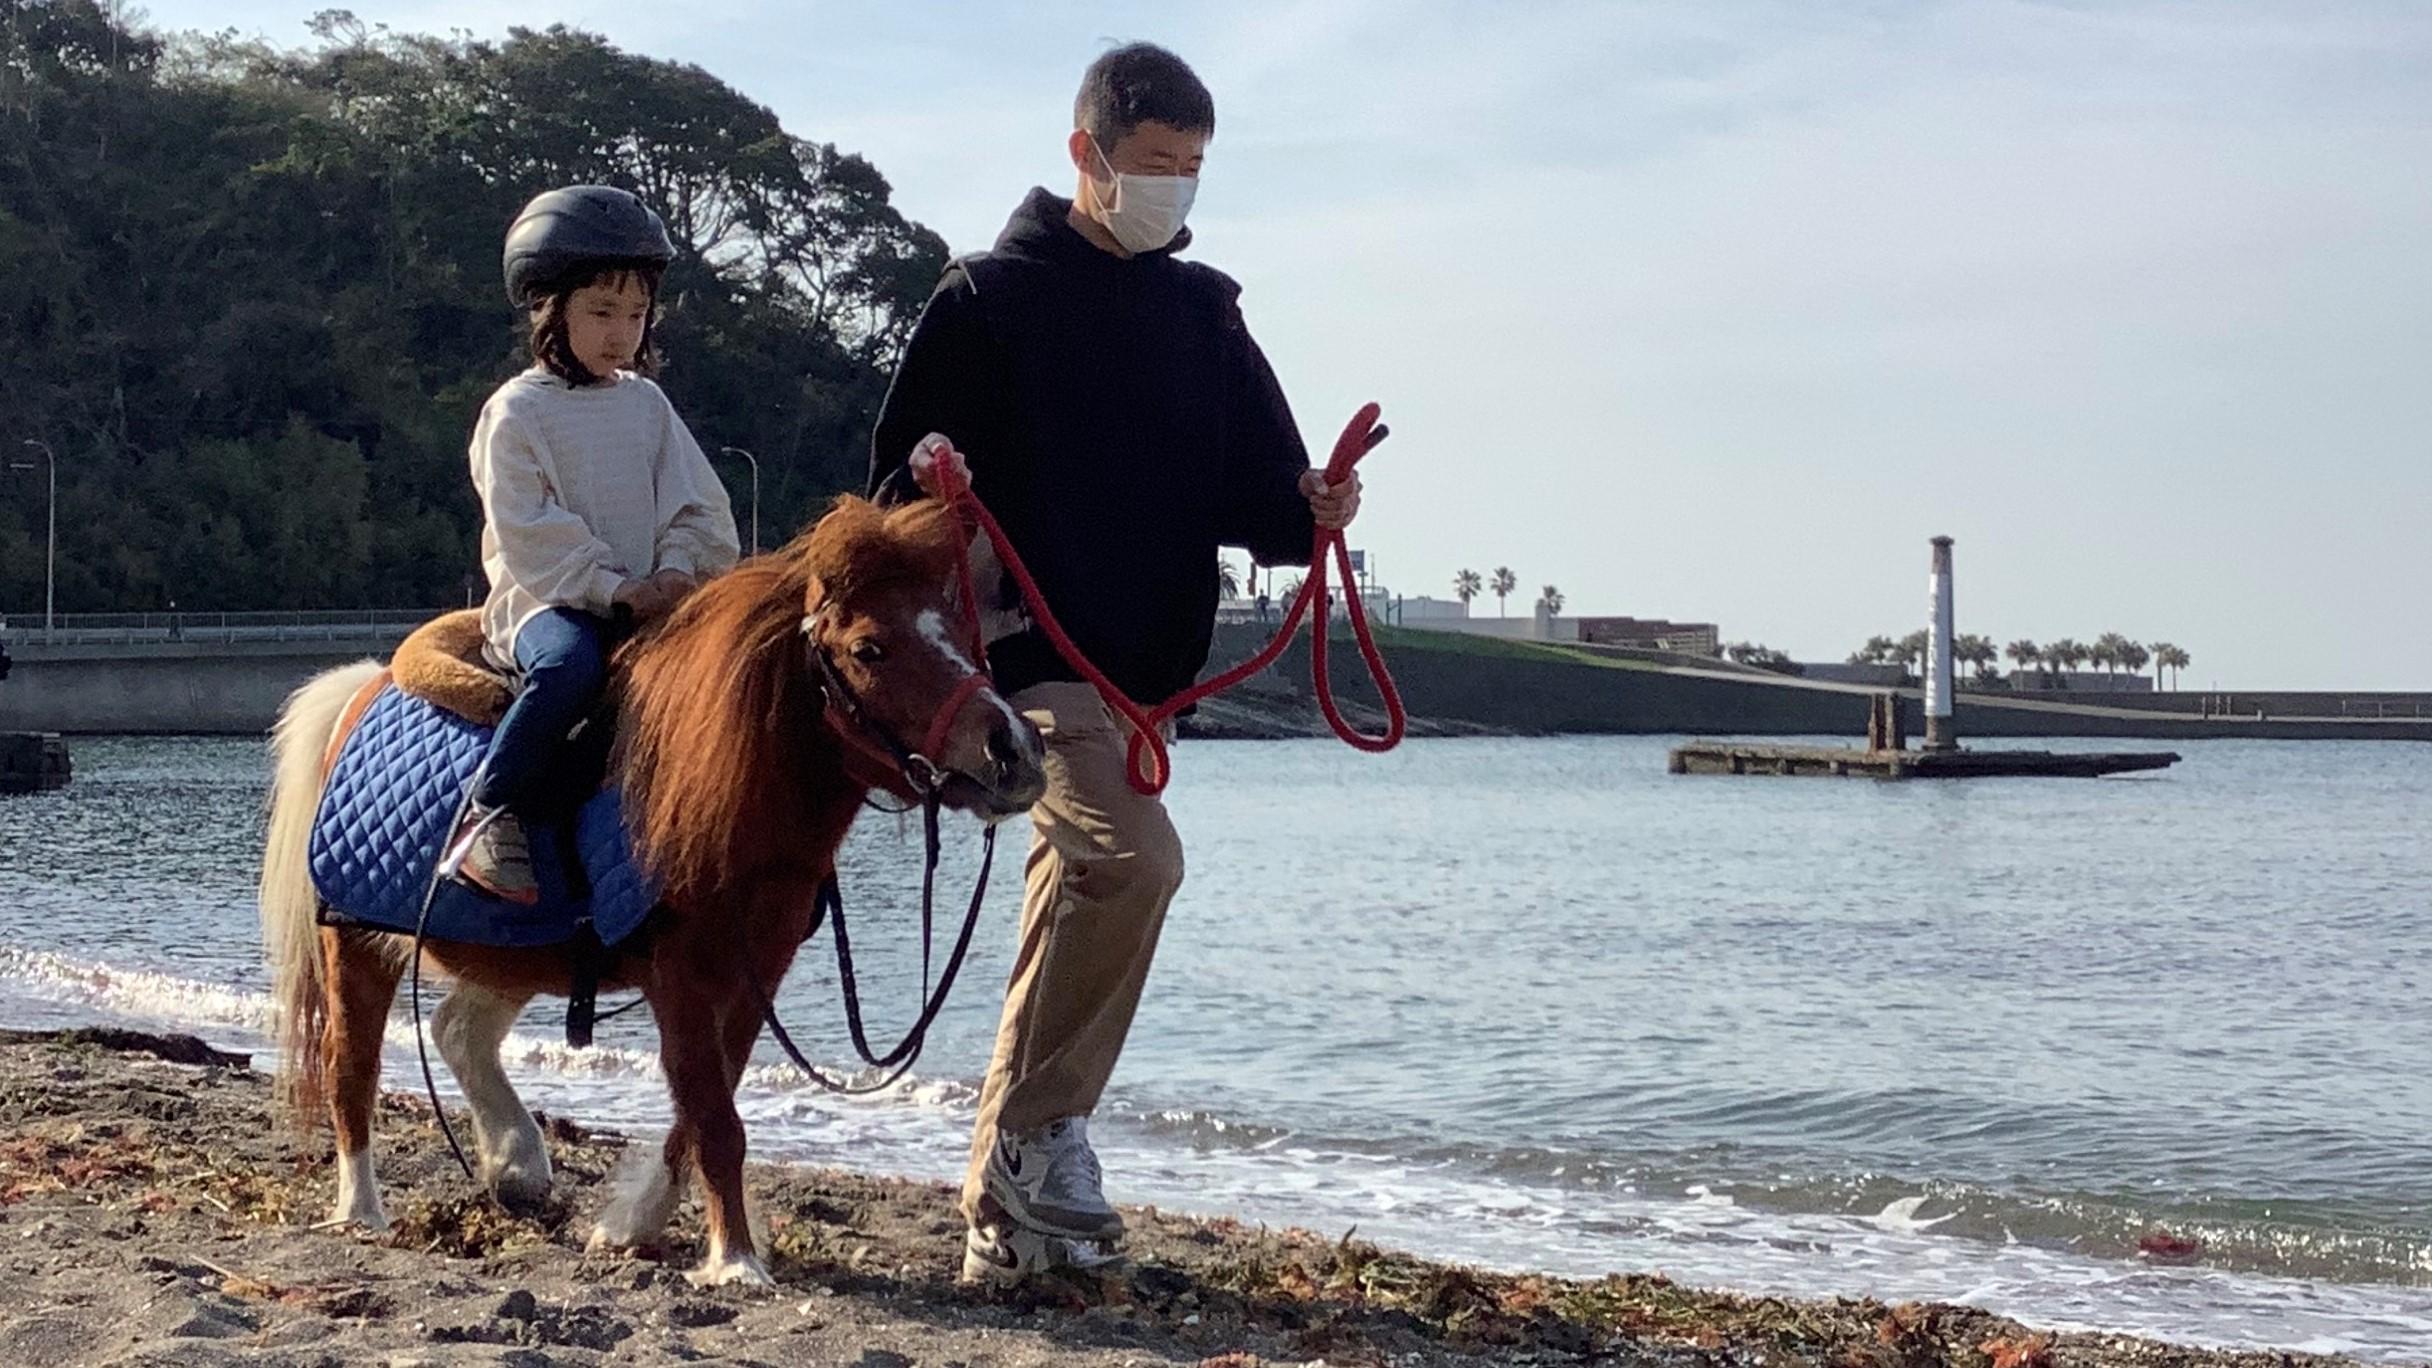 ポニーに乗ってビーチを散歩しよう!ホーストレッキング観音崎海岸